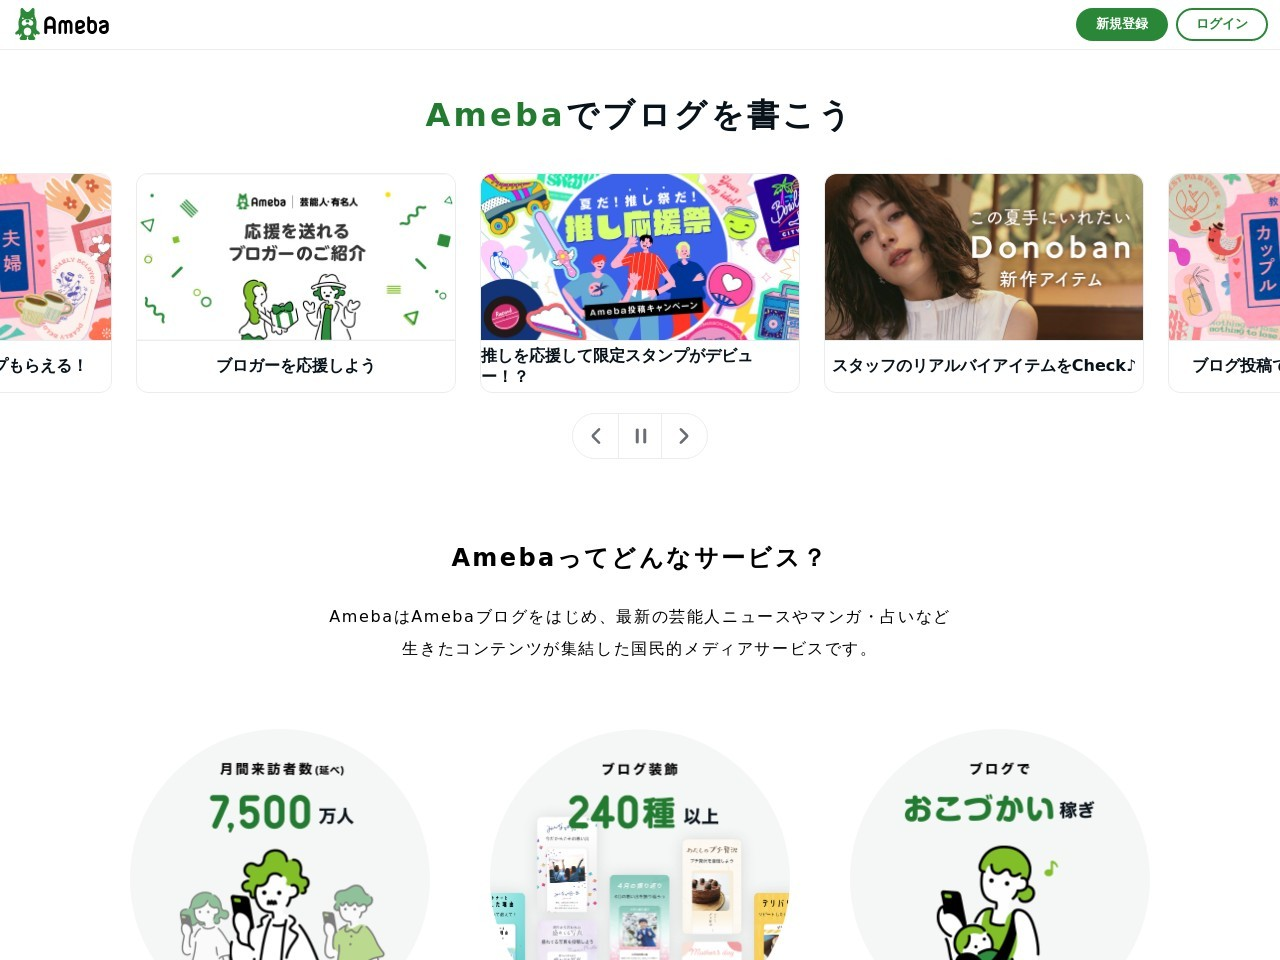 http://ameblo.jp/spiegel/